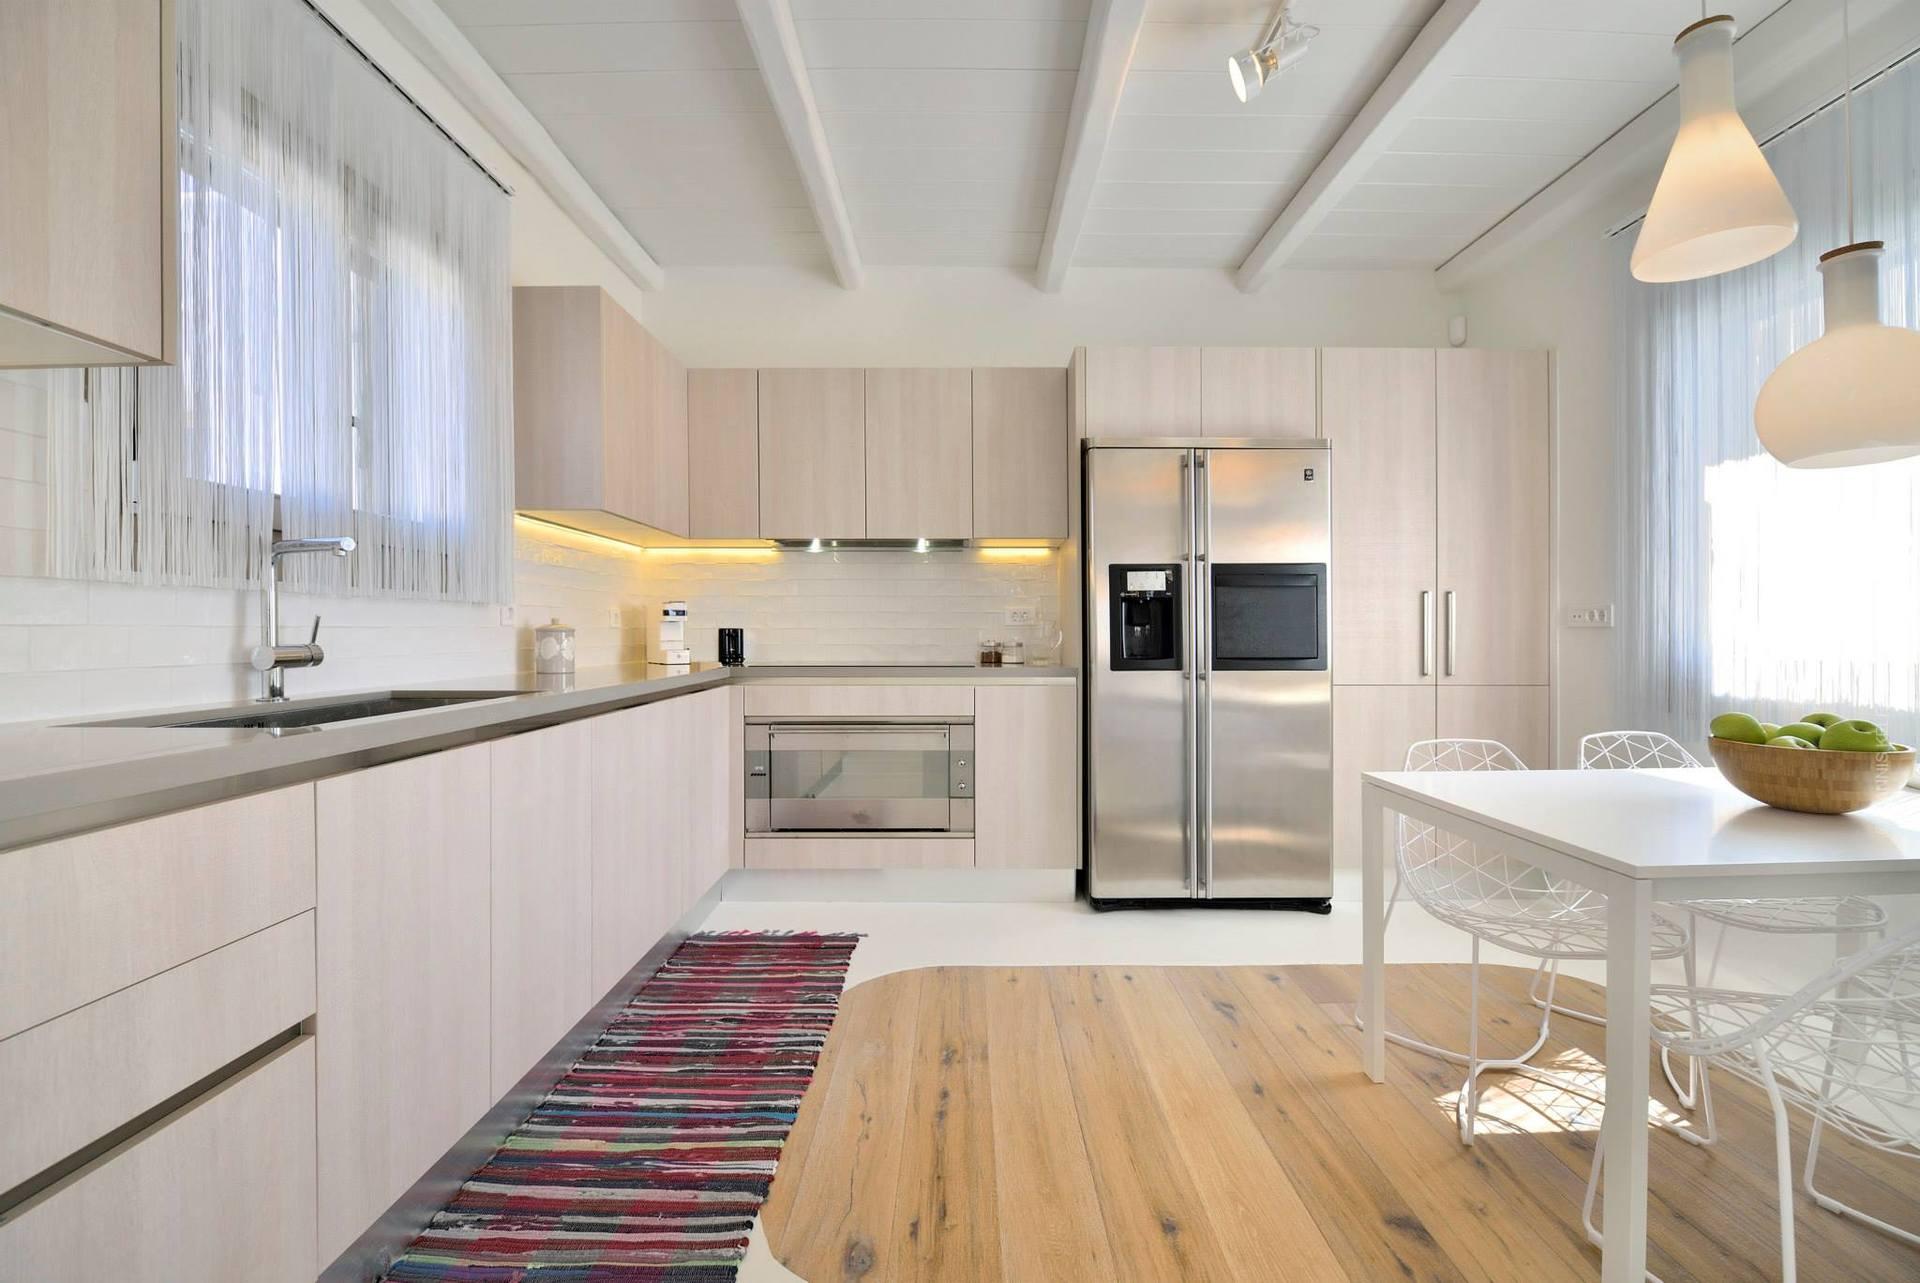 Кухня 12 кв м с г-образной планировкой